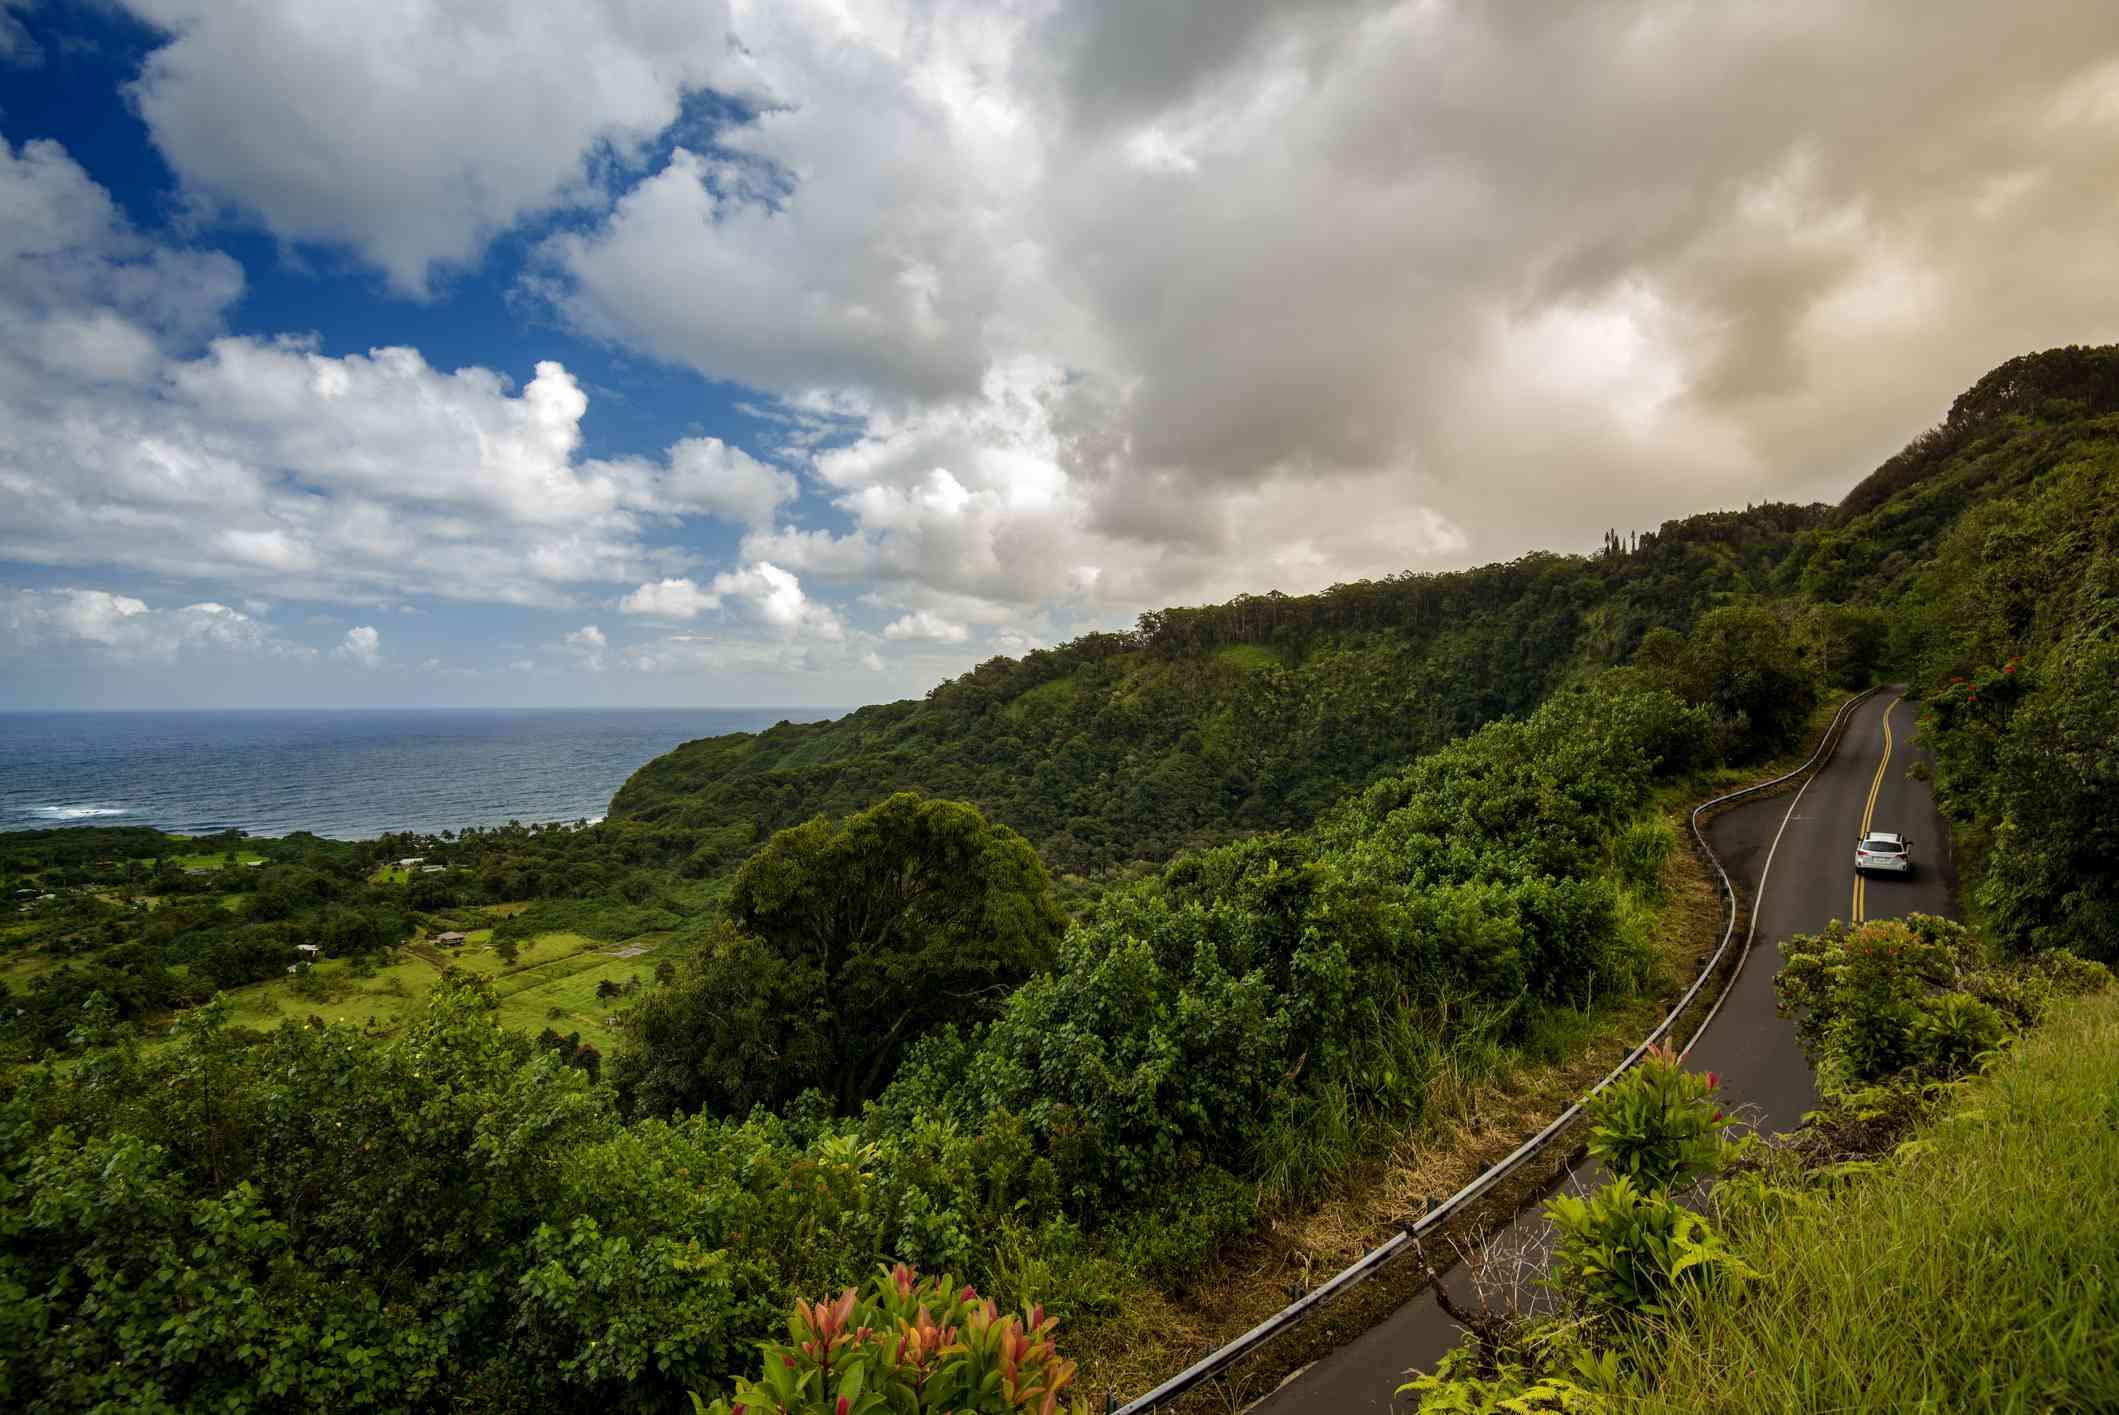 The Road to Hana on Maui